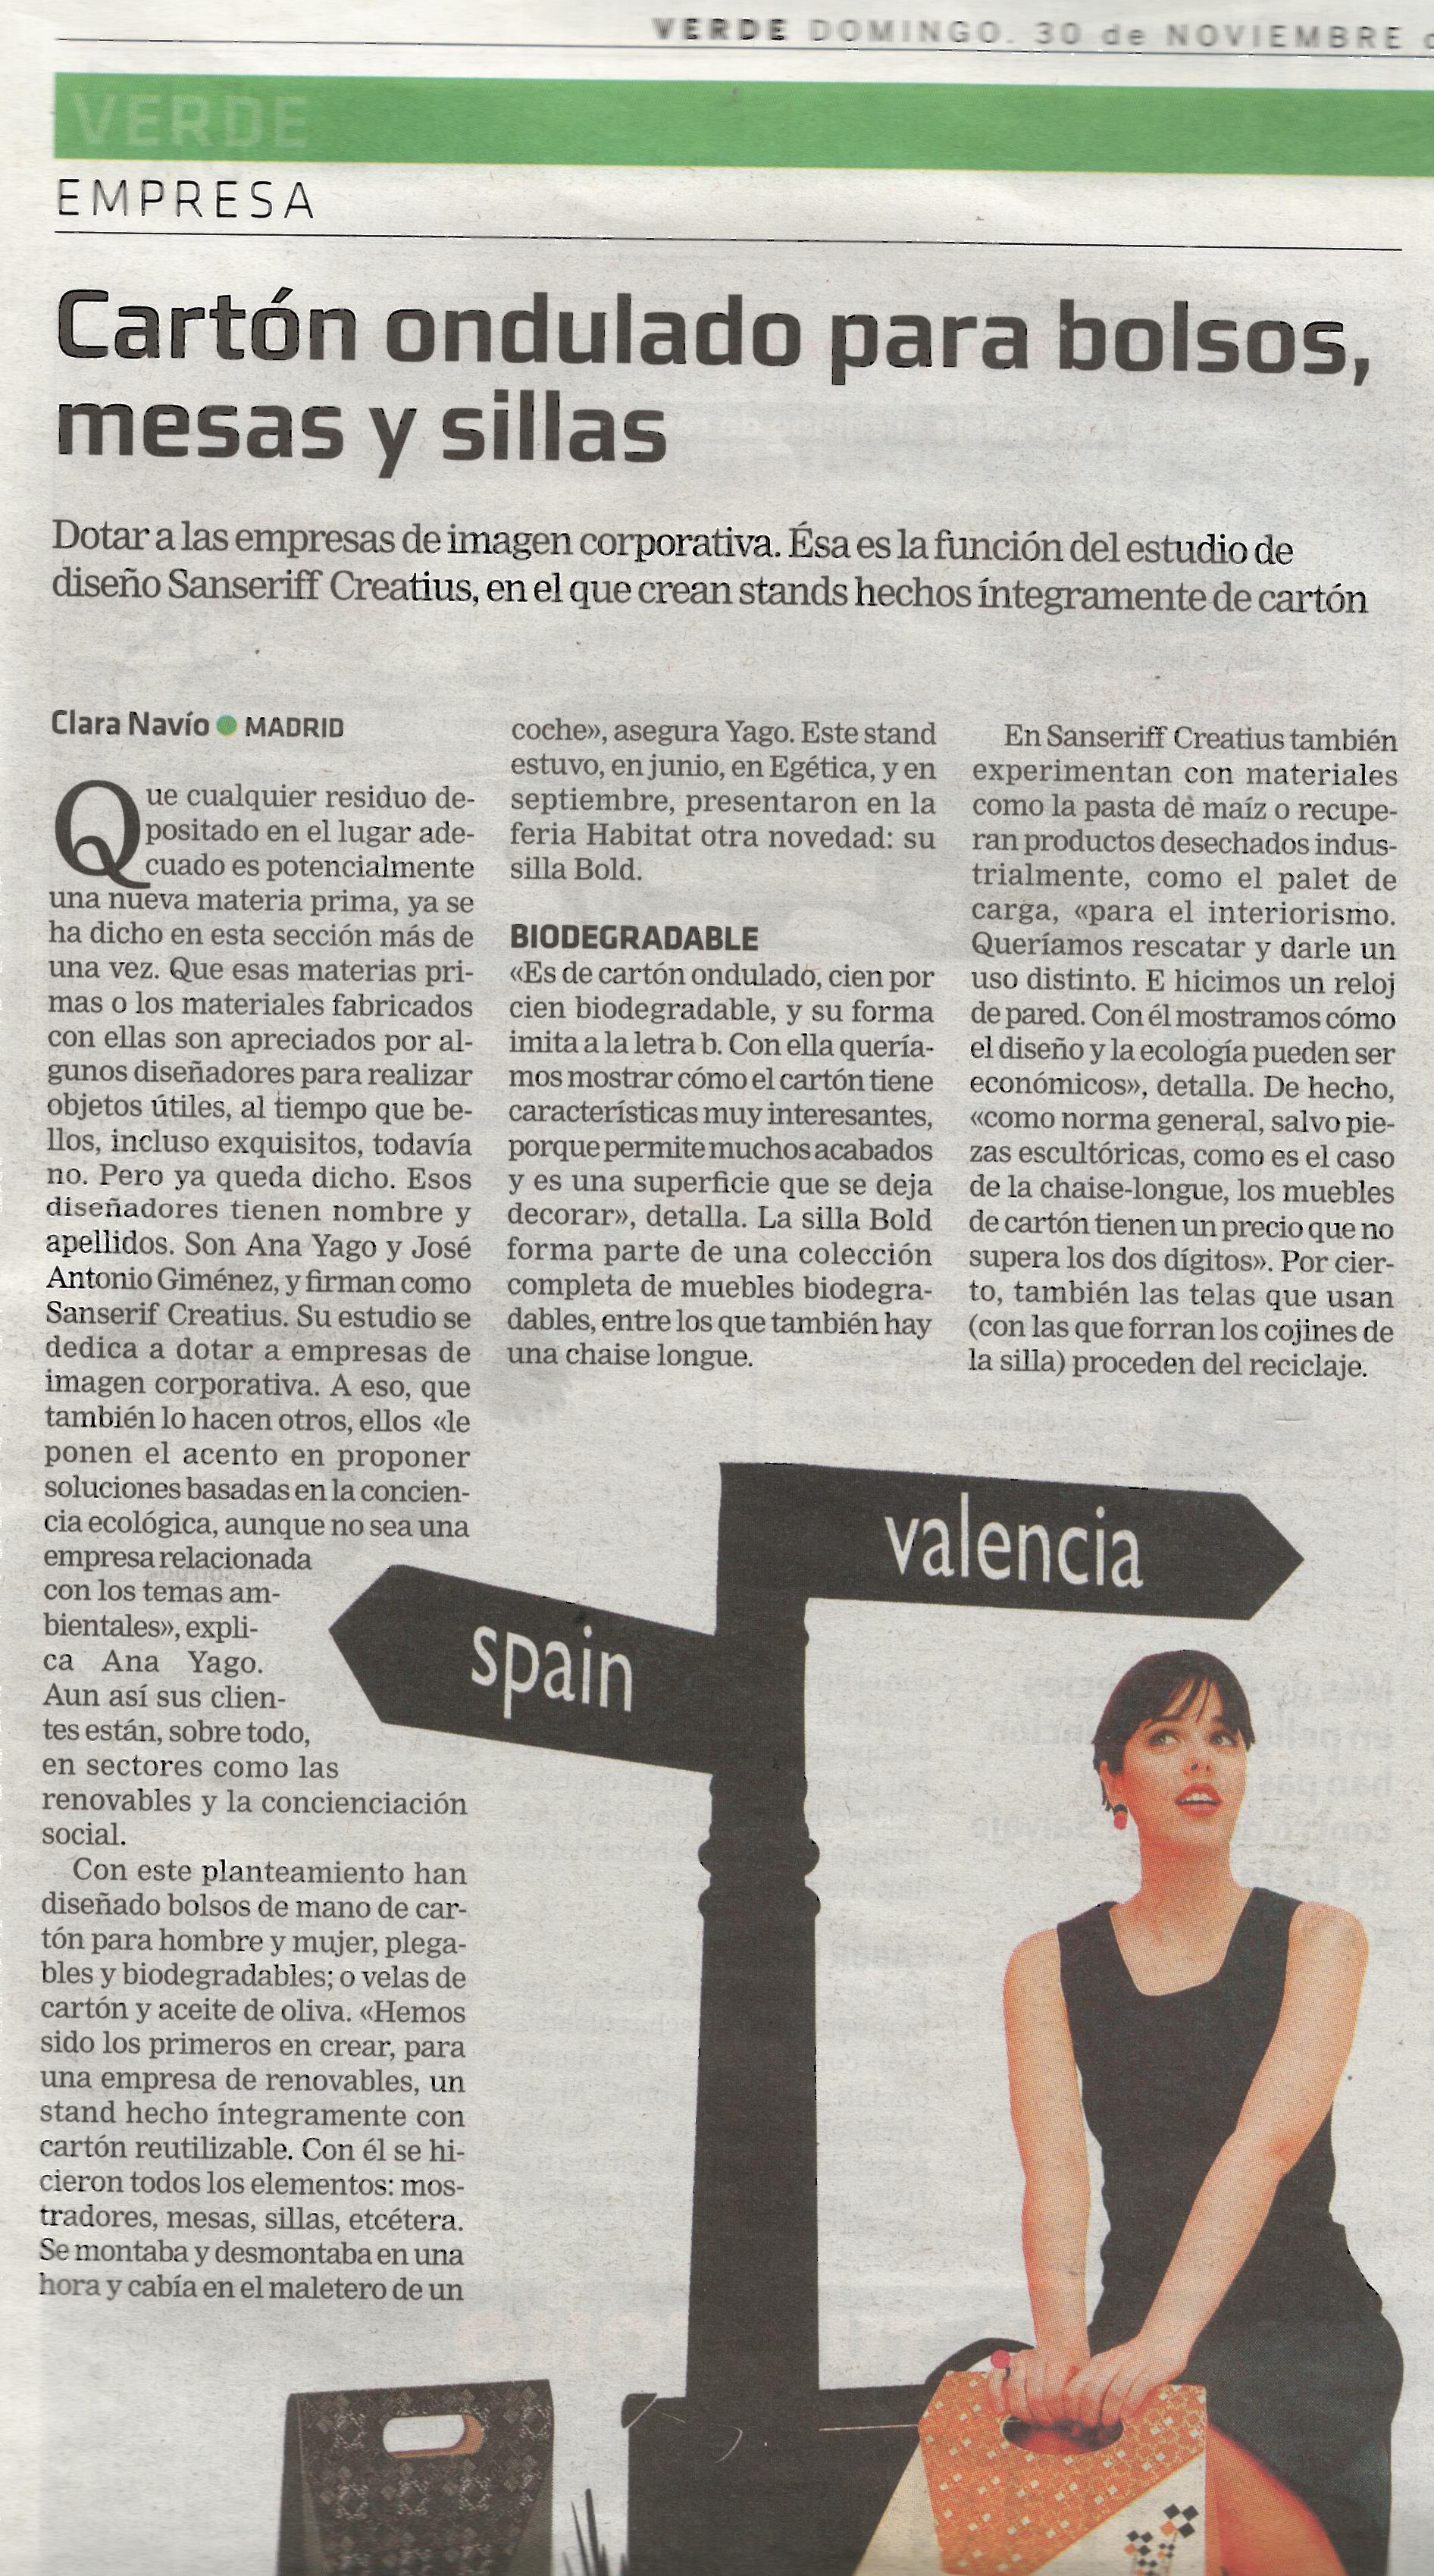 La Razón 30/11/08 p.23